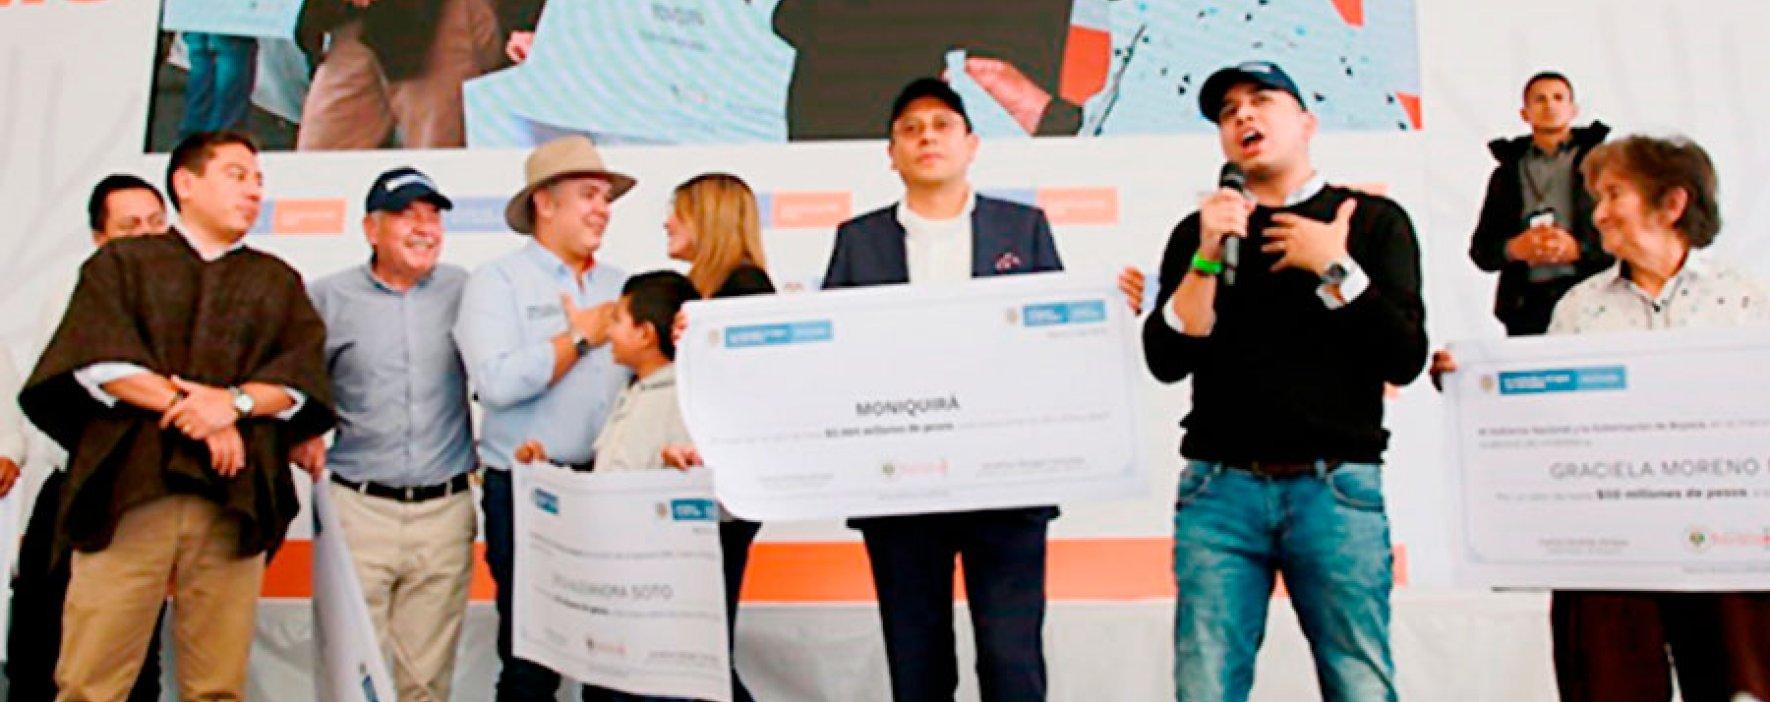 Minvivienda anunció grandes inversiones en vivienda y agua para Boyacá